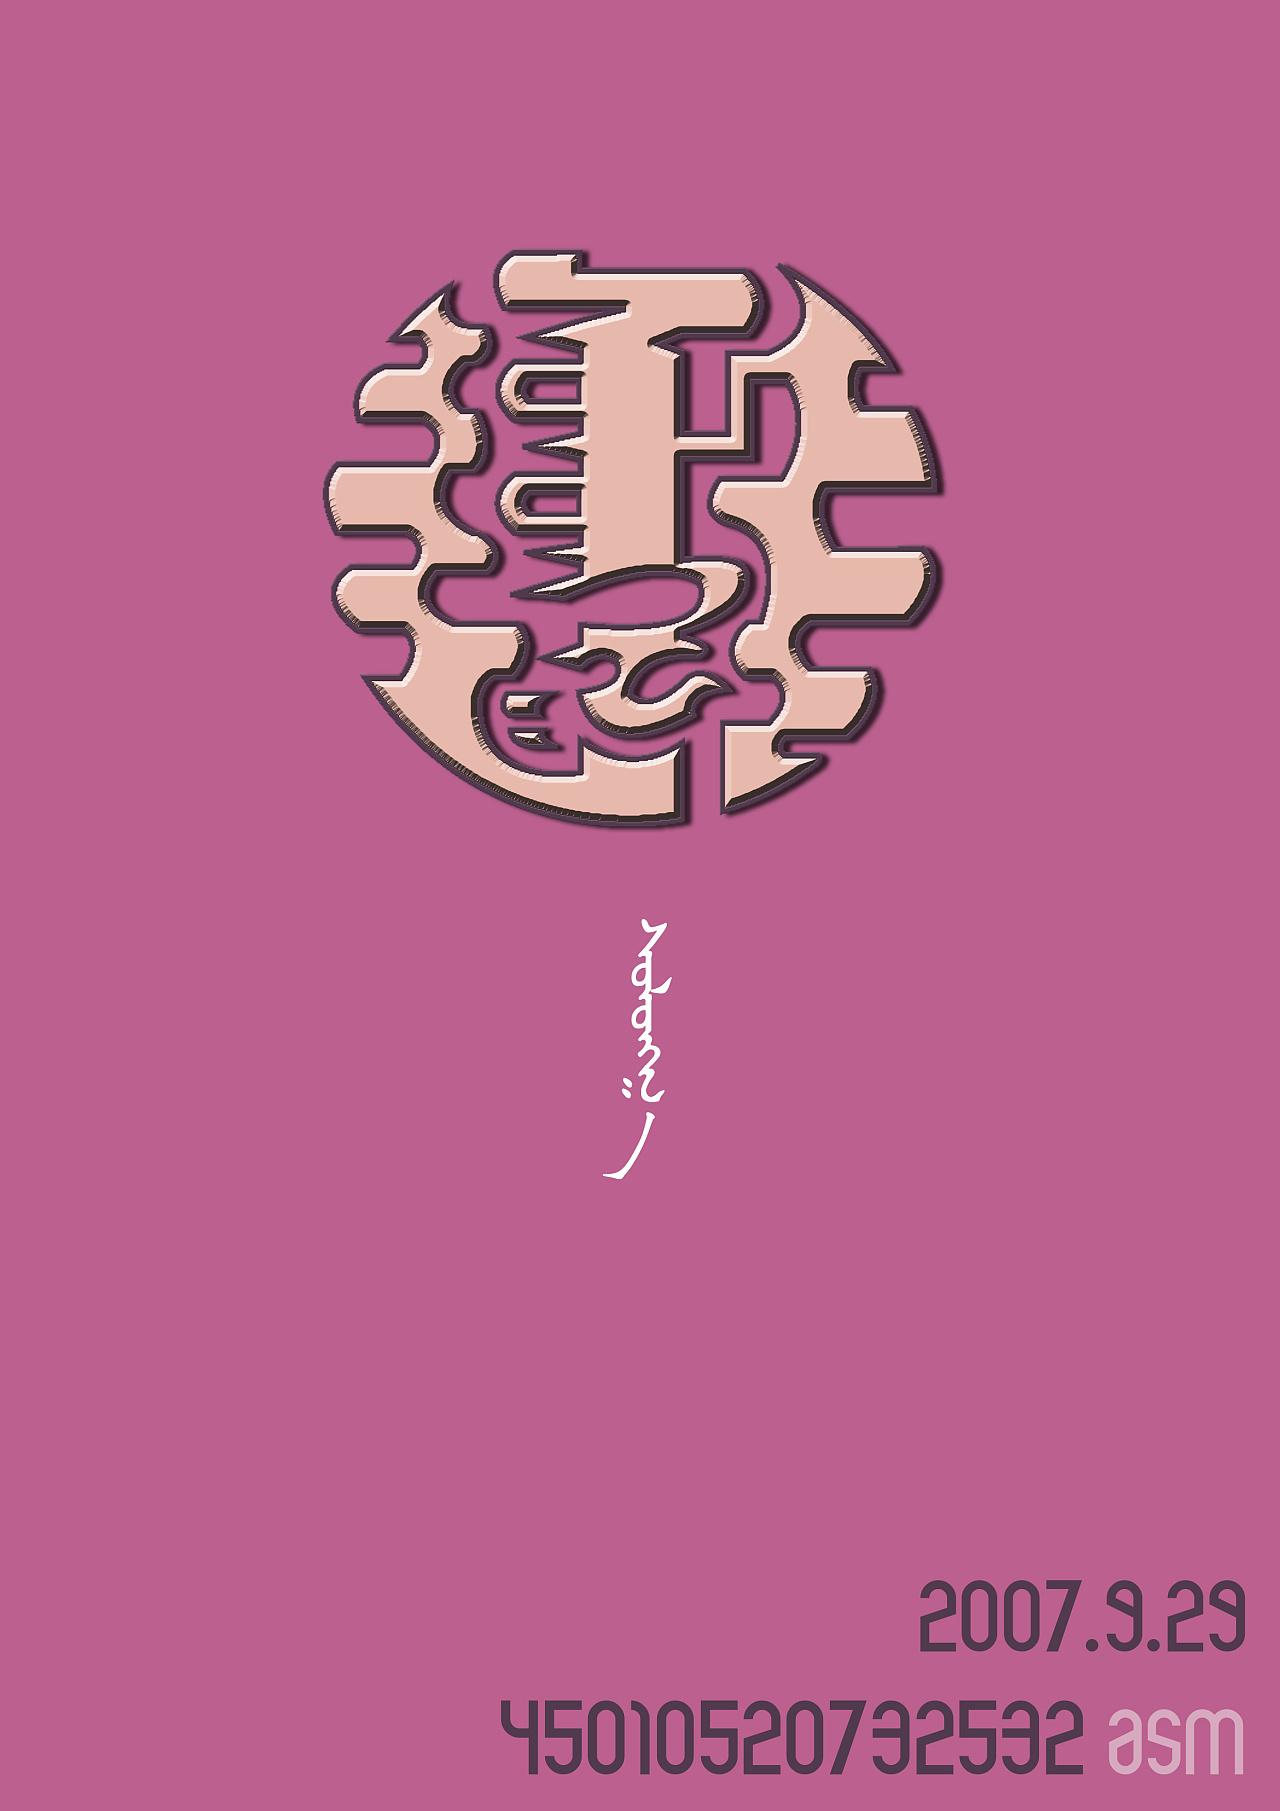 蒙古艺术文字2 -阿斯玛设计 第3张 蒙古艺术文字2 -阿斯玛设计 蒙古设计